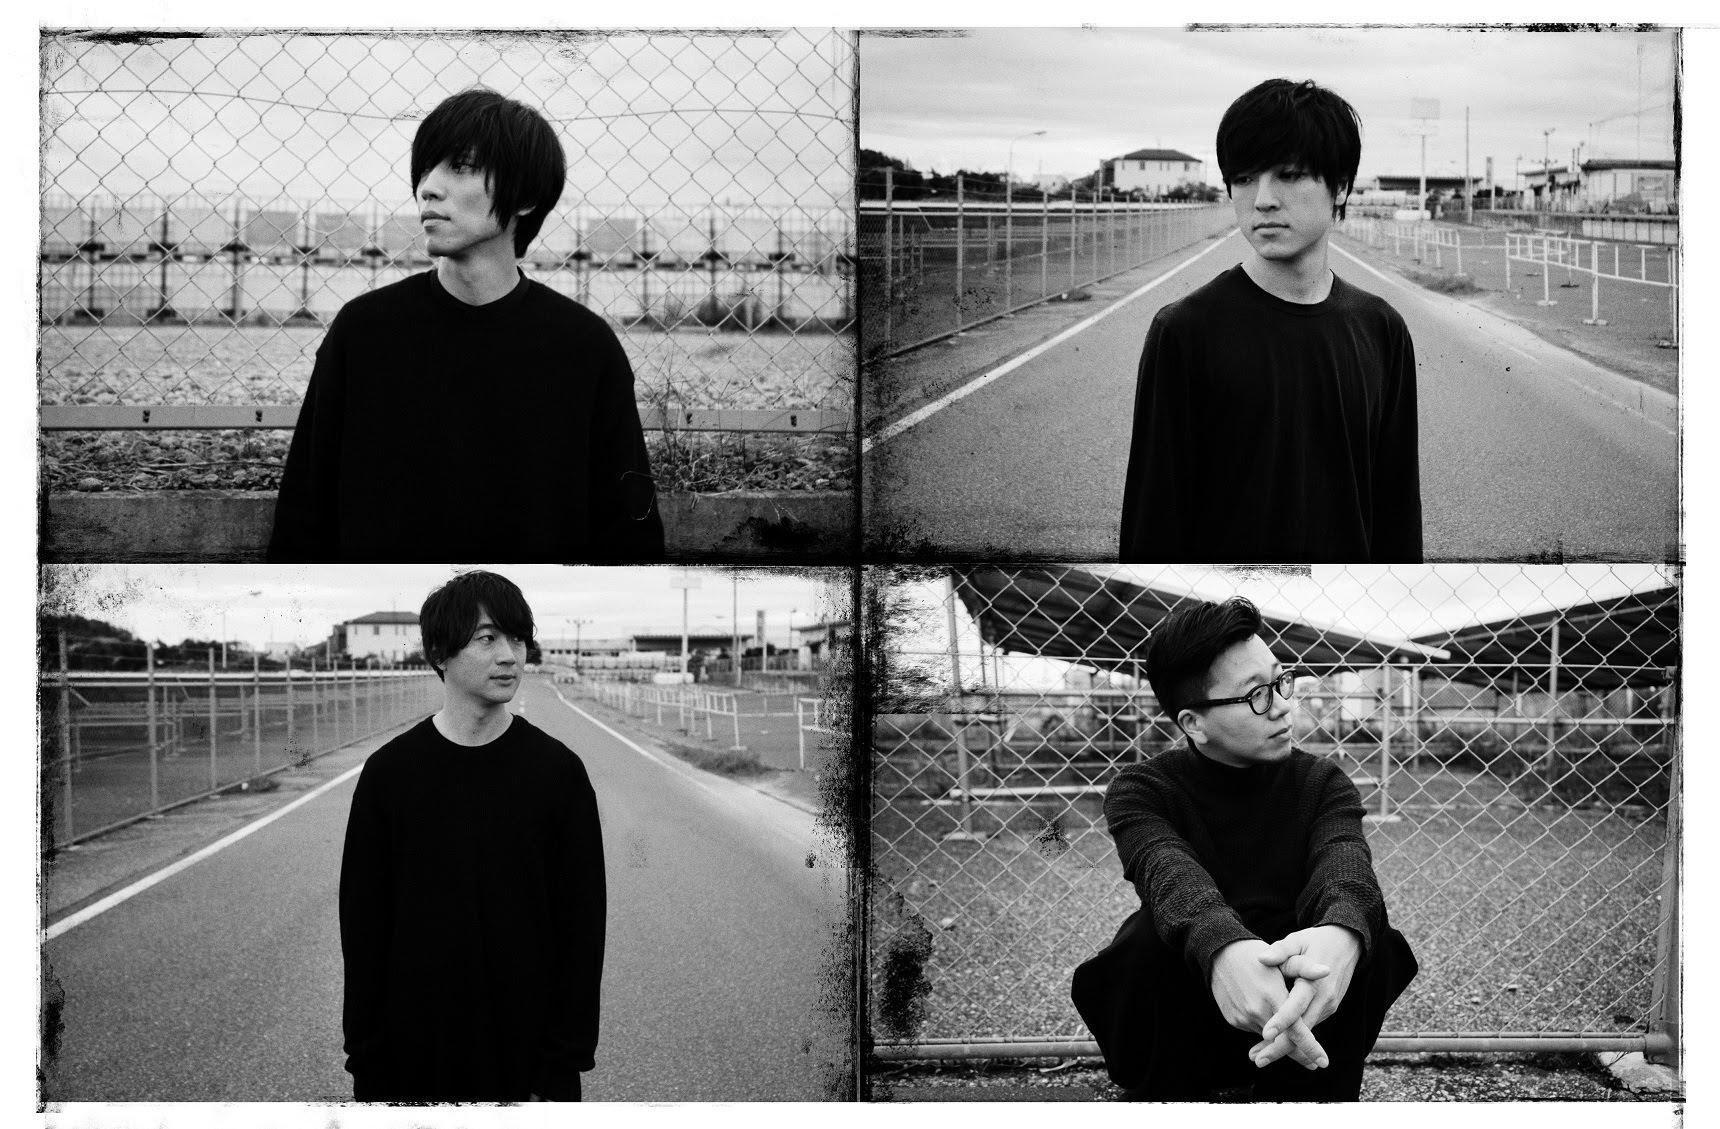 【迷迷專訪】日本樂團 androp 迷你專輯《daily》推出 感受故鄉味道和氣息寫出的作品